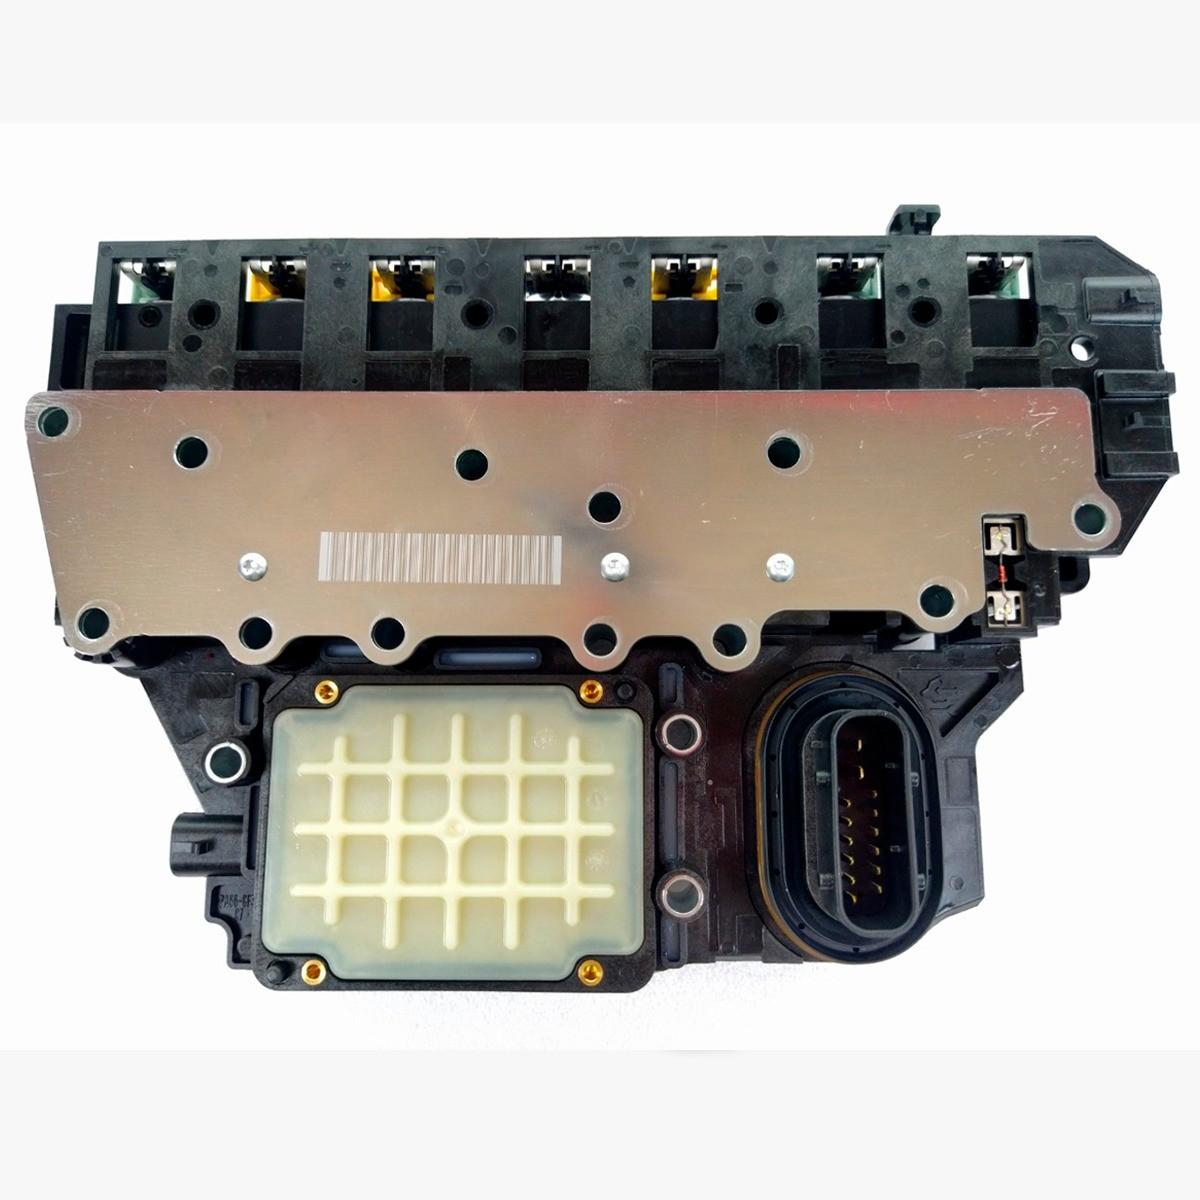 Modulo Do Câmbio Automático 6t31 Gm  + Sedex